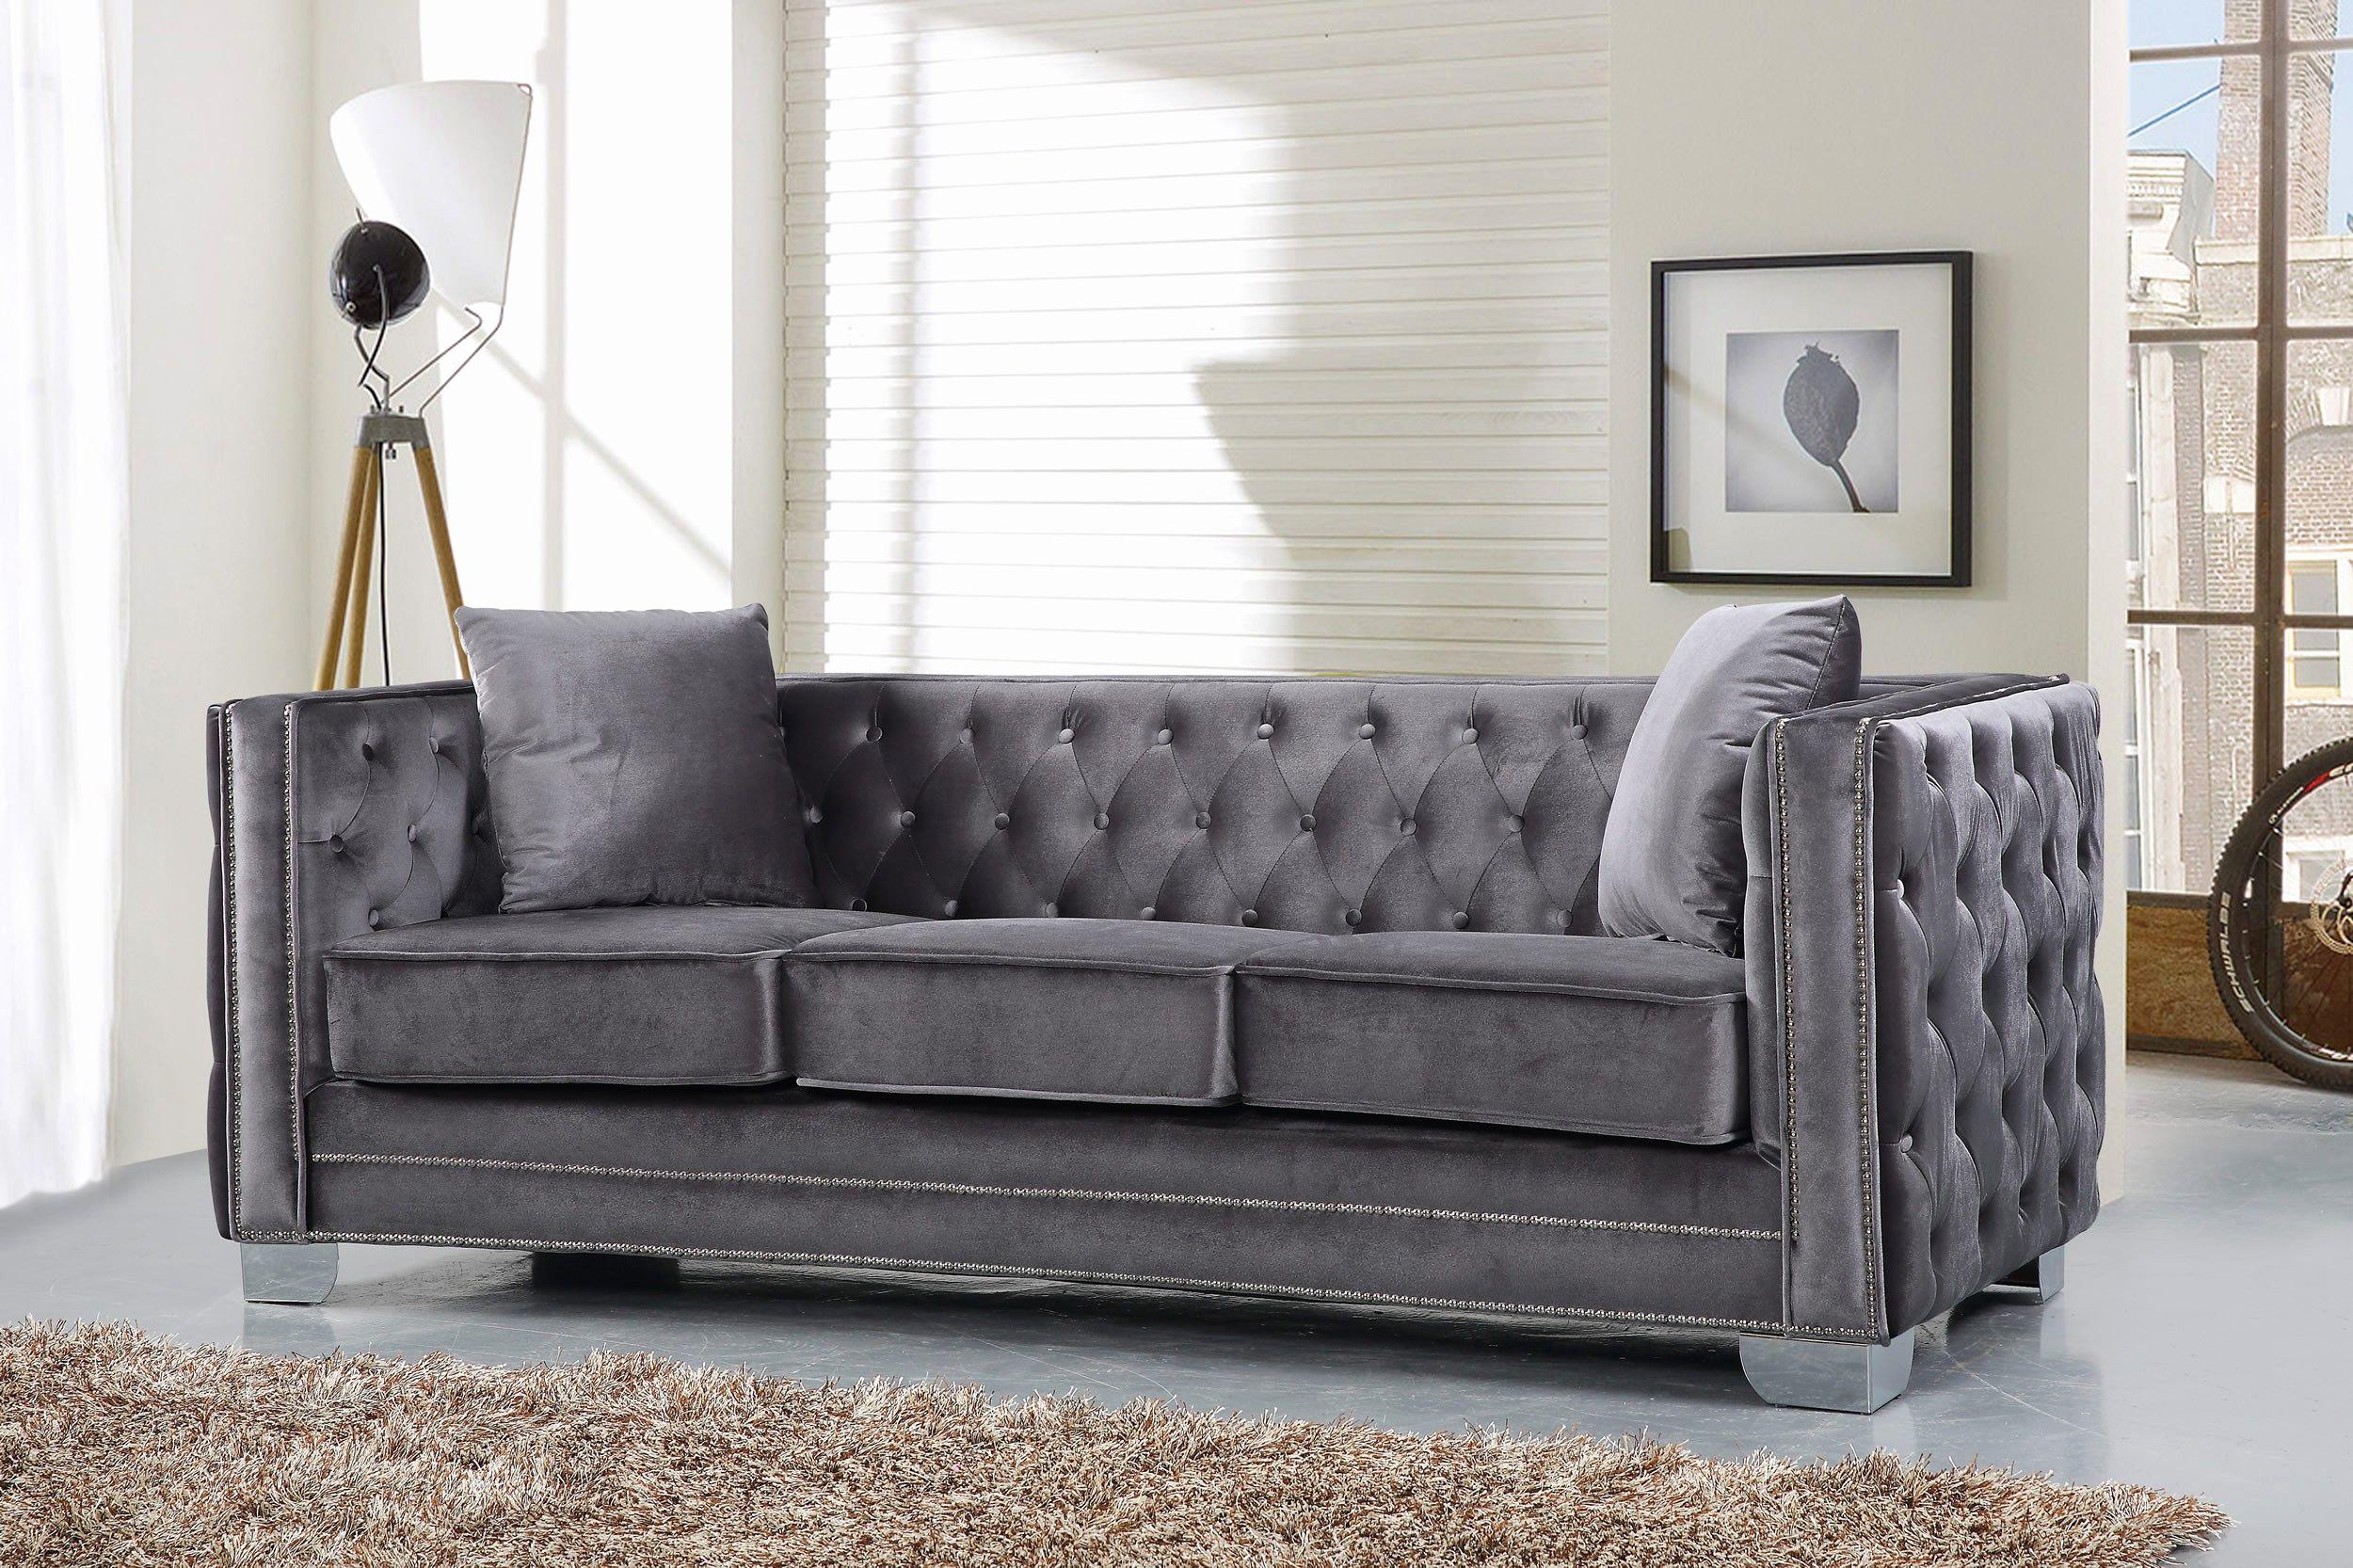 Elegant Velvet Tufted Sleeper Sofa Pics Velvet Tufted Sleeper Sofa